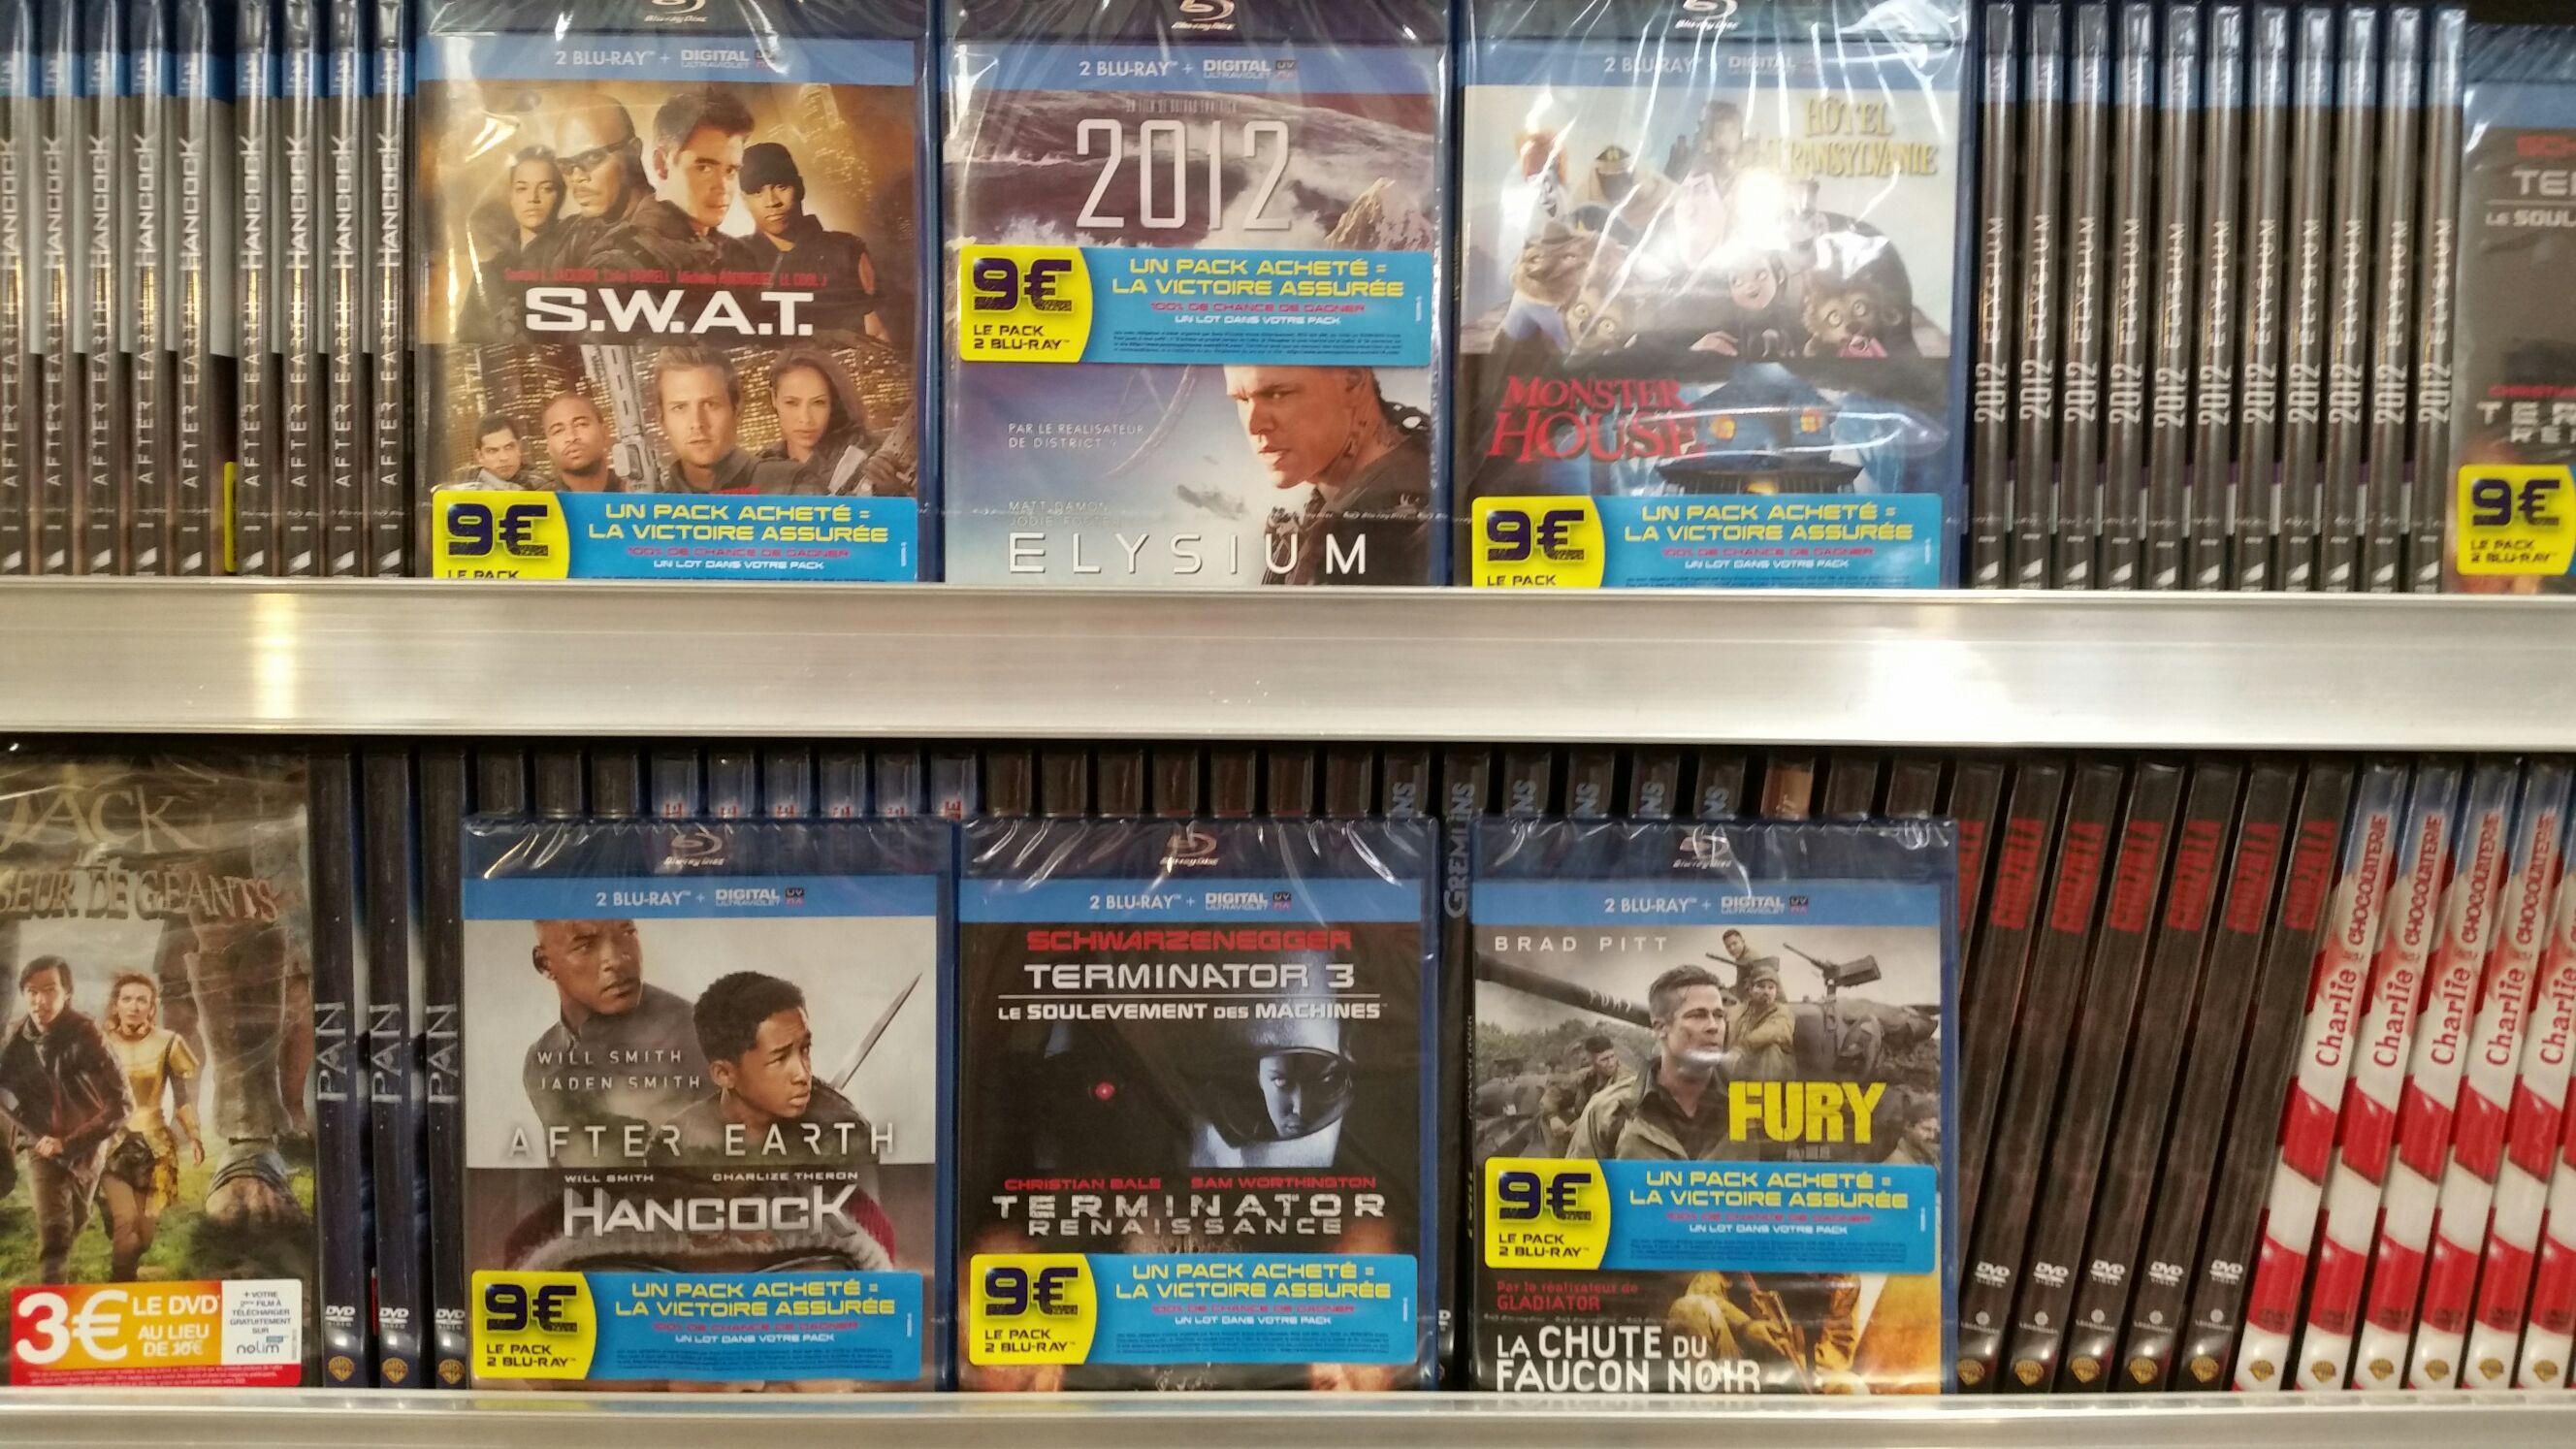 2 Blu-ray (+ Ultraviolet) à 9€ - Ex : Fury + La Chute du Faucon noir